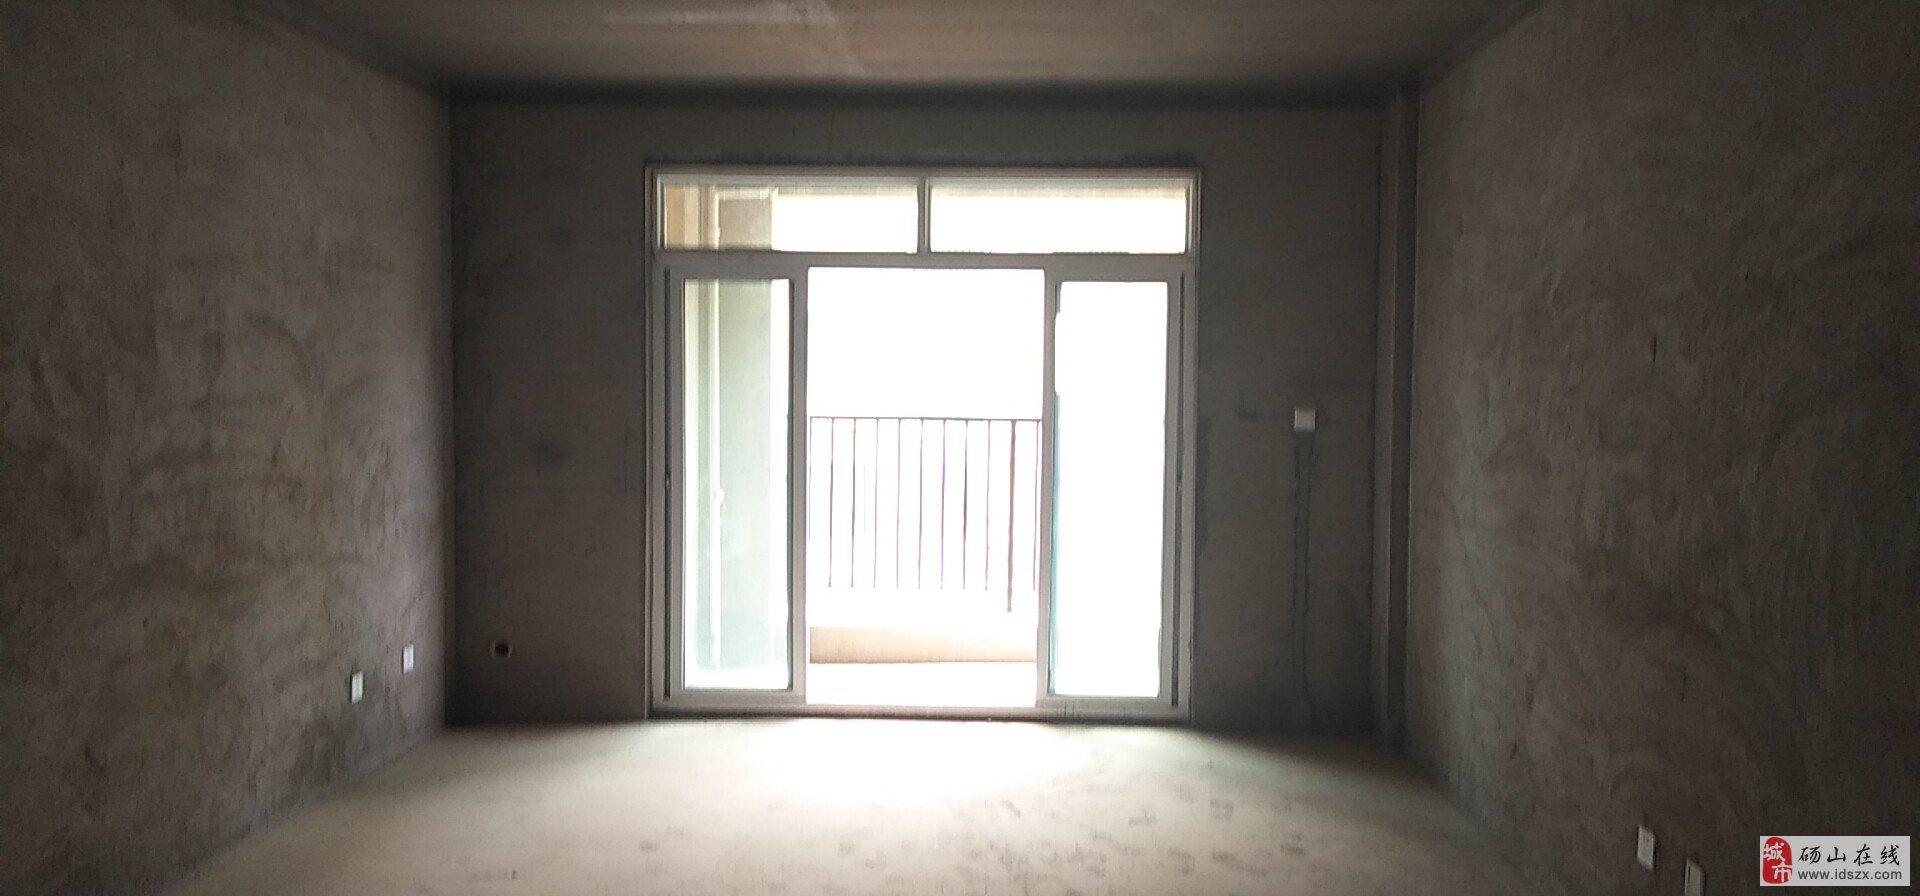 帝景水岸3楼毛坯南北通透户型方正全明户型双阳台